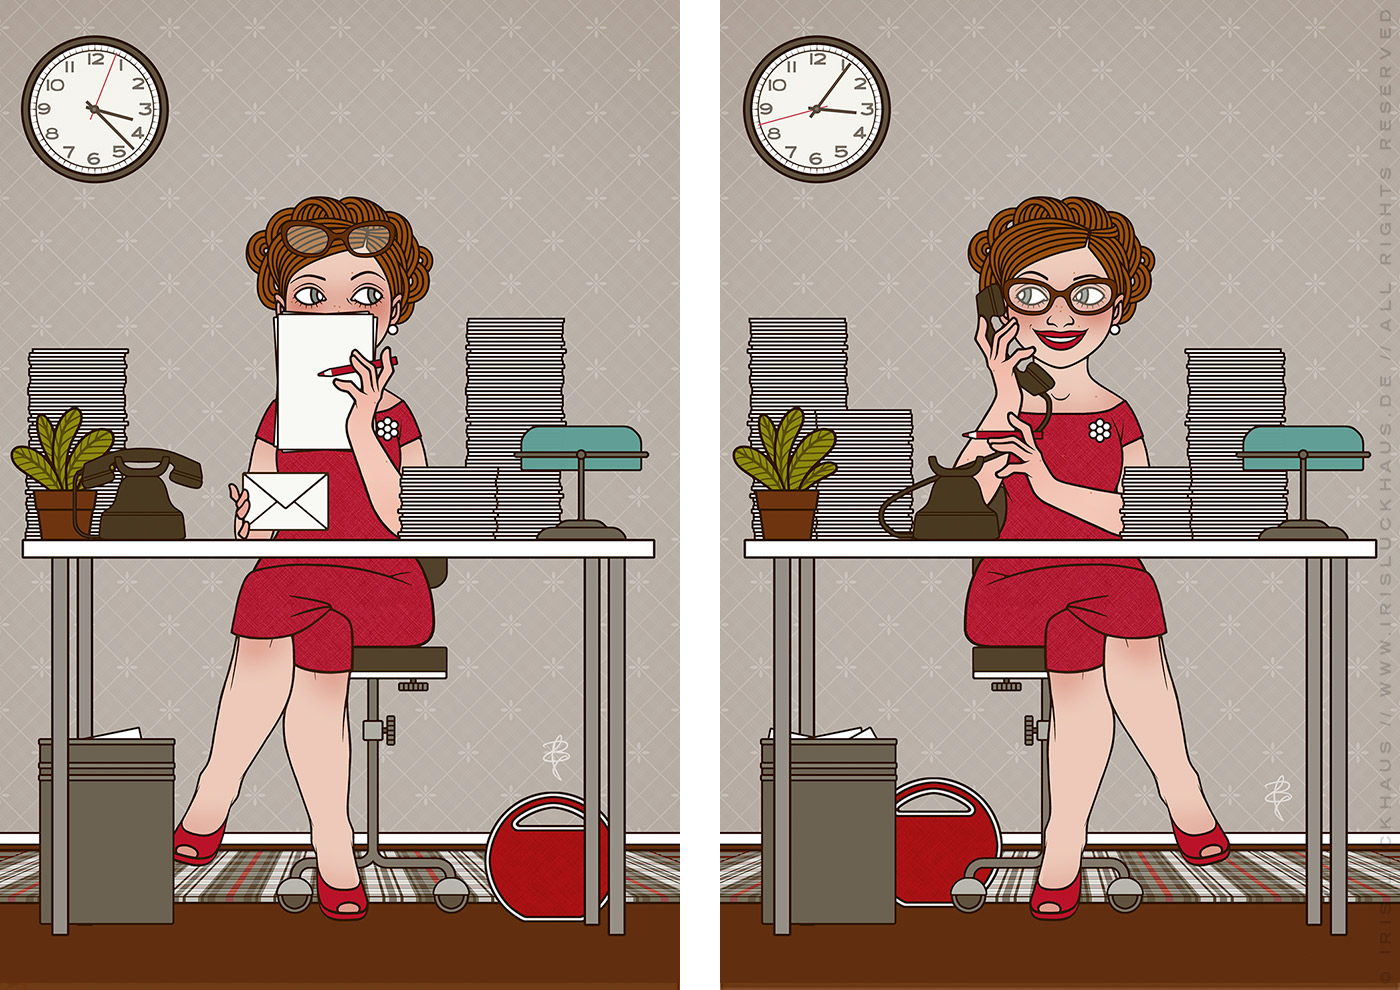 Retro-Illustrationen von Iris Luckhaus mit einer Sekretärin, die sich an ihrem Schreibtisch schüchtern hinter Papieren versteckt und fröhlich telefoniert